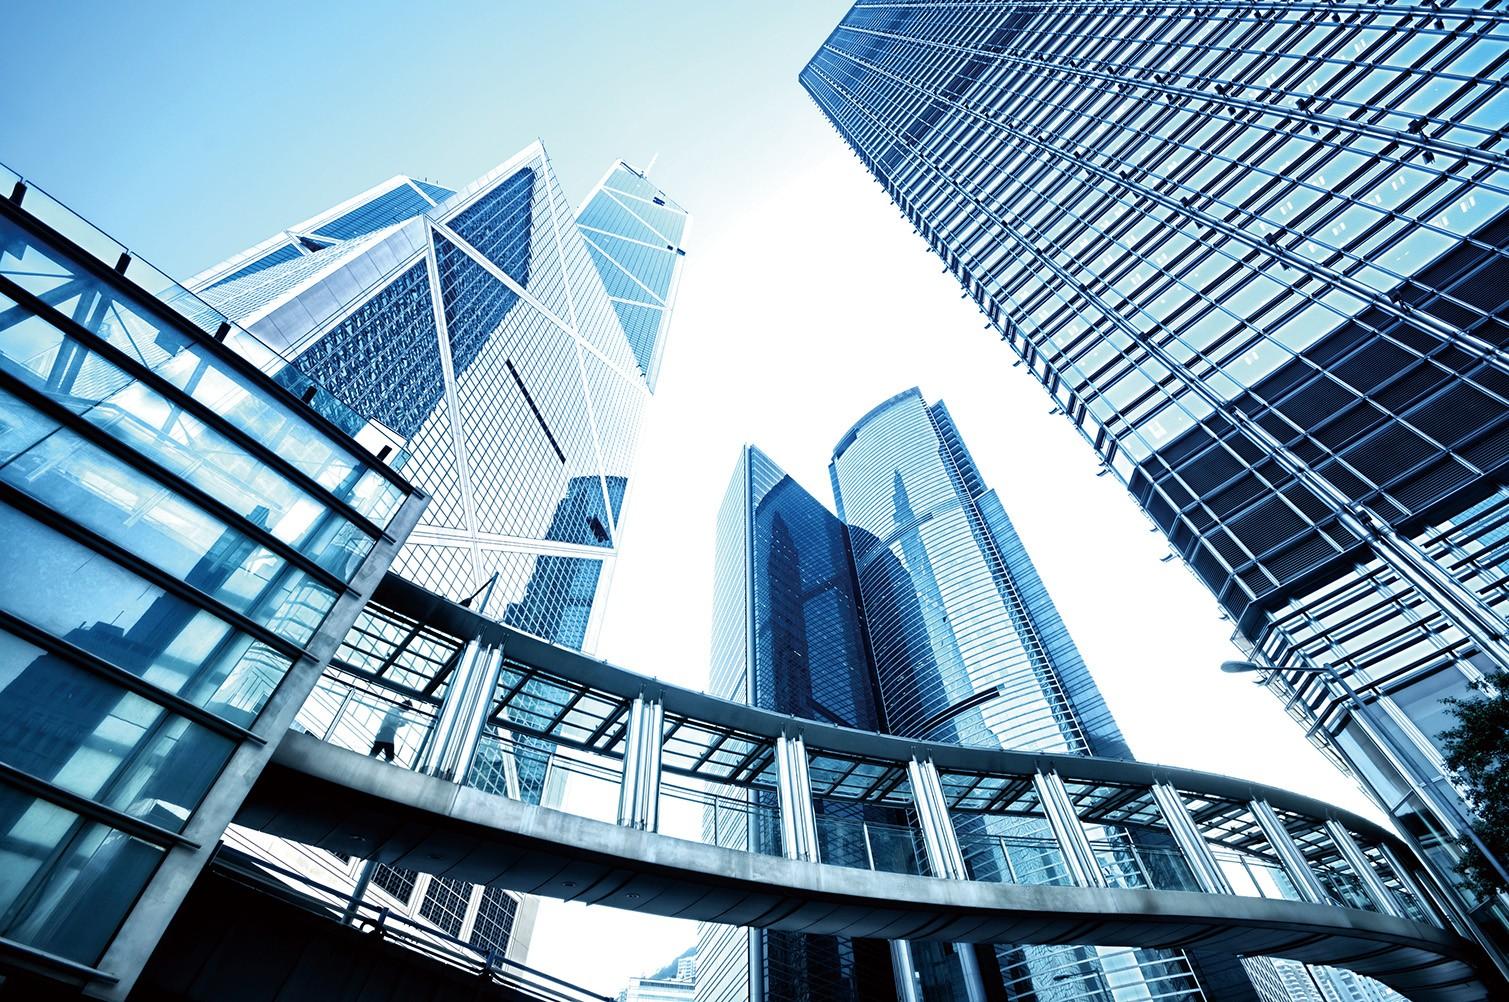 房企融资困境持续:不是正在融资 就是在融资的路上